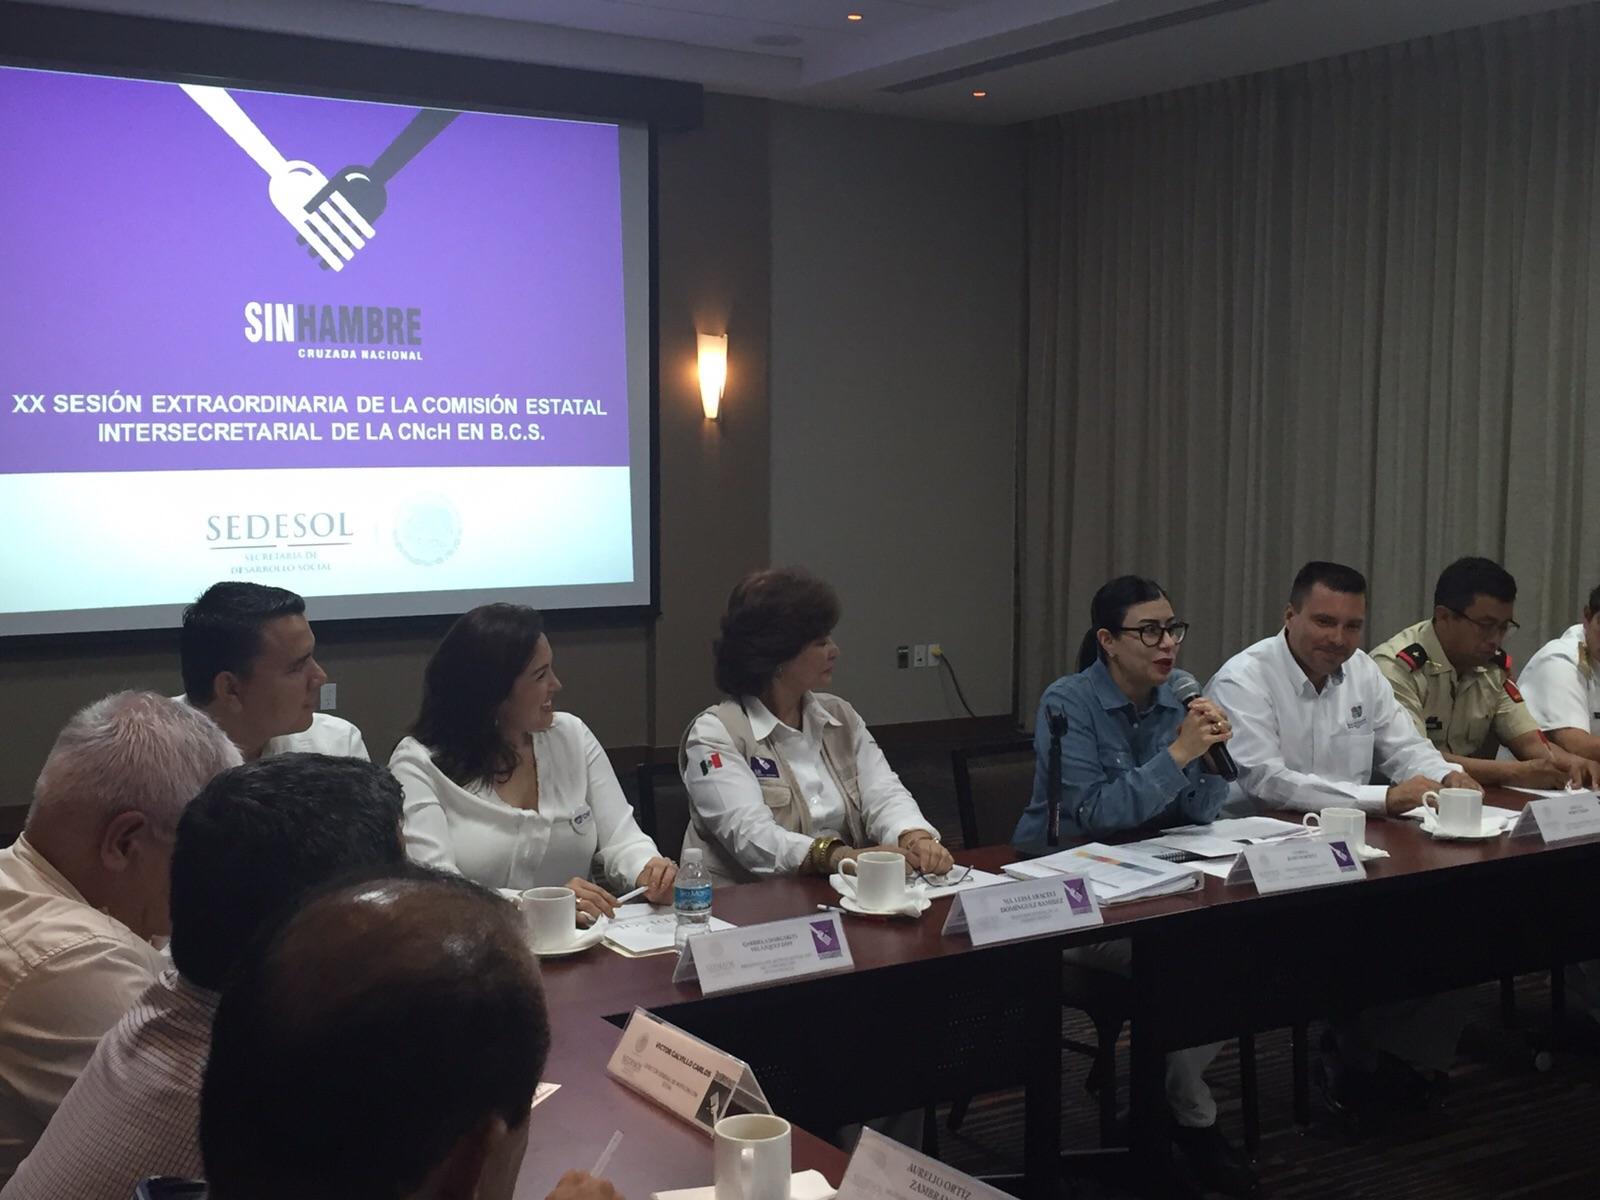 Foto 1 La subsecretaria Vanessa Rubio presidi  la Reuni n de la Comisi n Estatal Intersecretarial de la Cruzada Nacional contra el Hambre en Baja California Surjpg